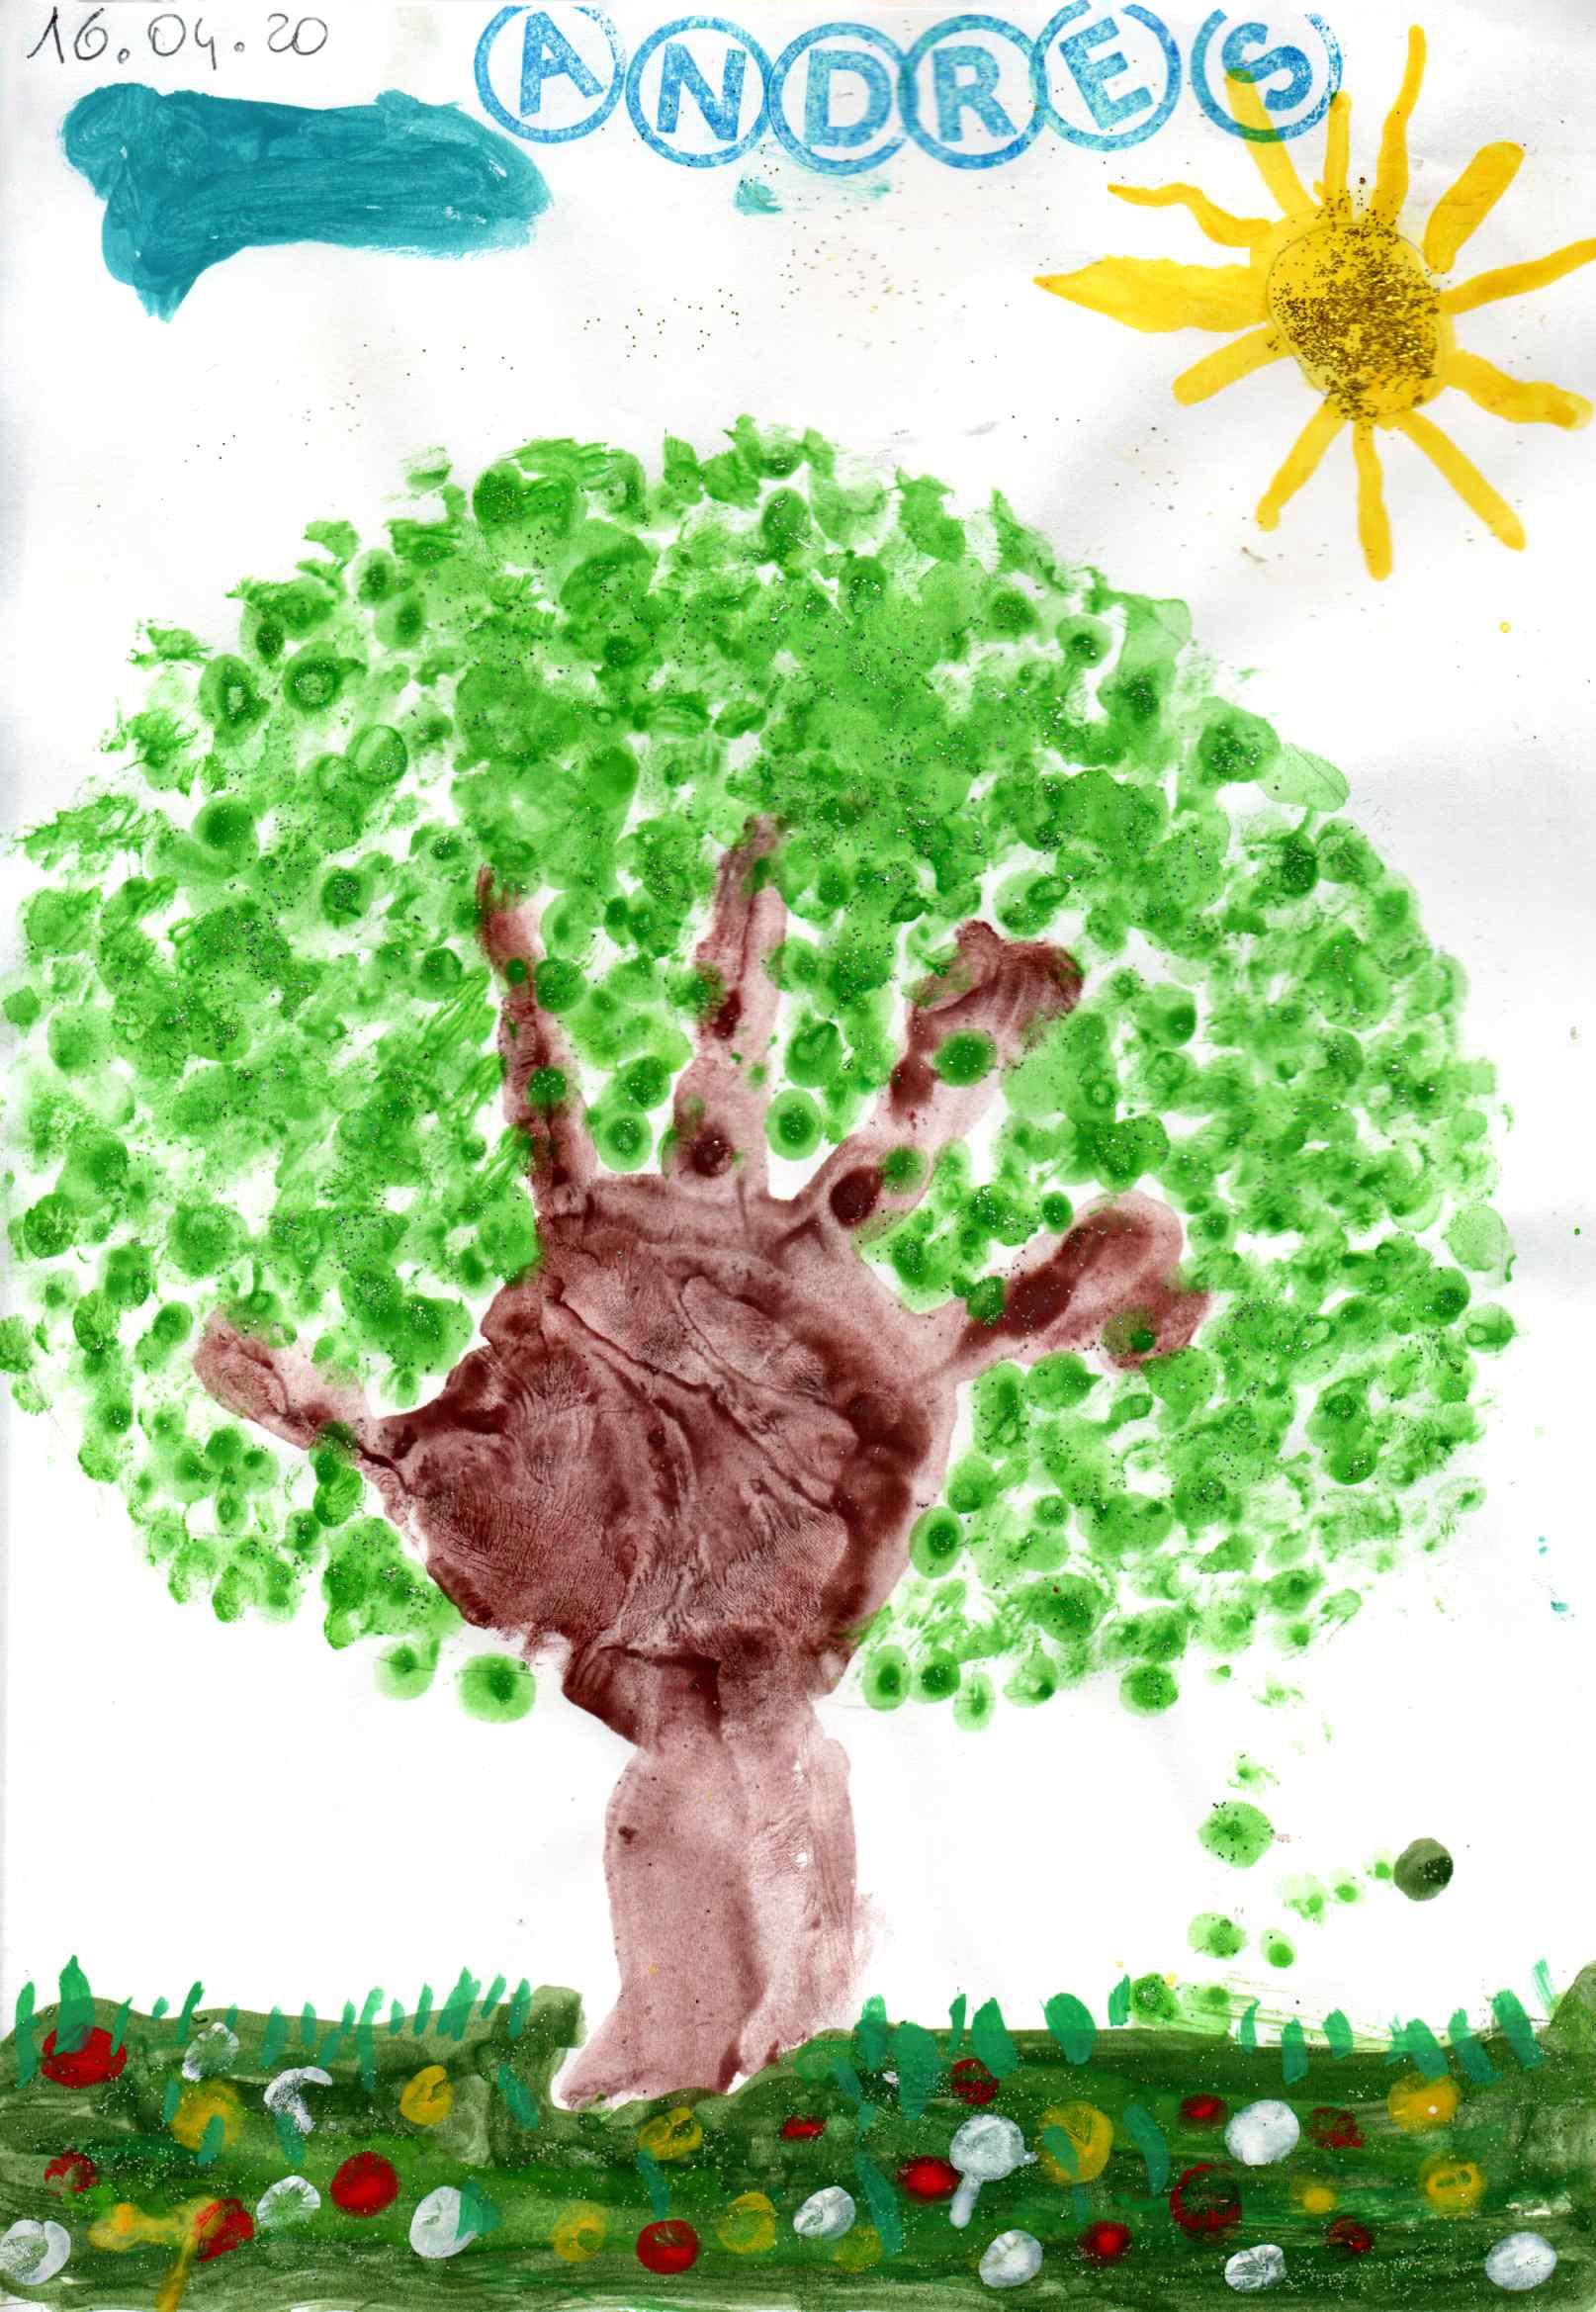 Questo disegno lo ha fatto Andres (3 anni)